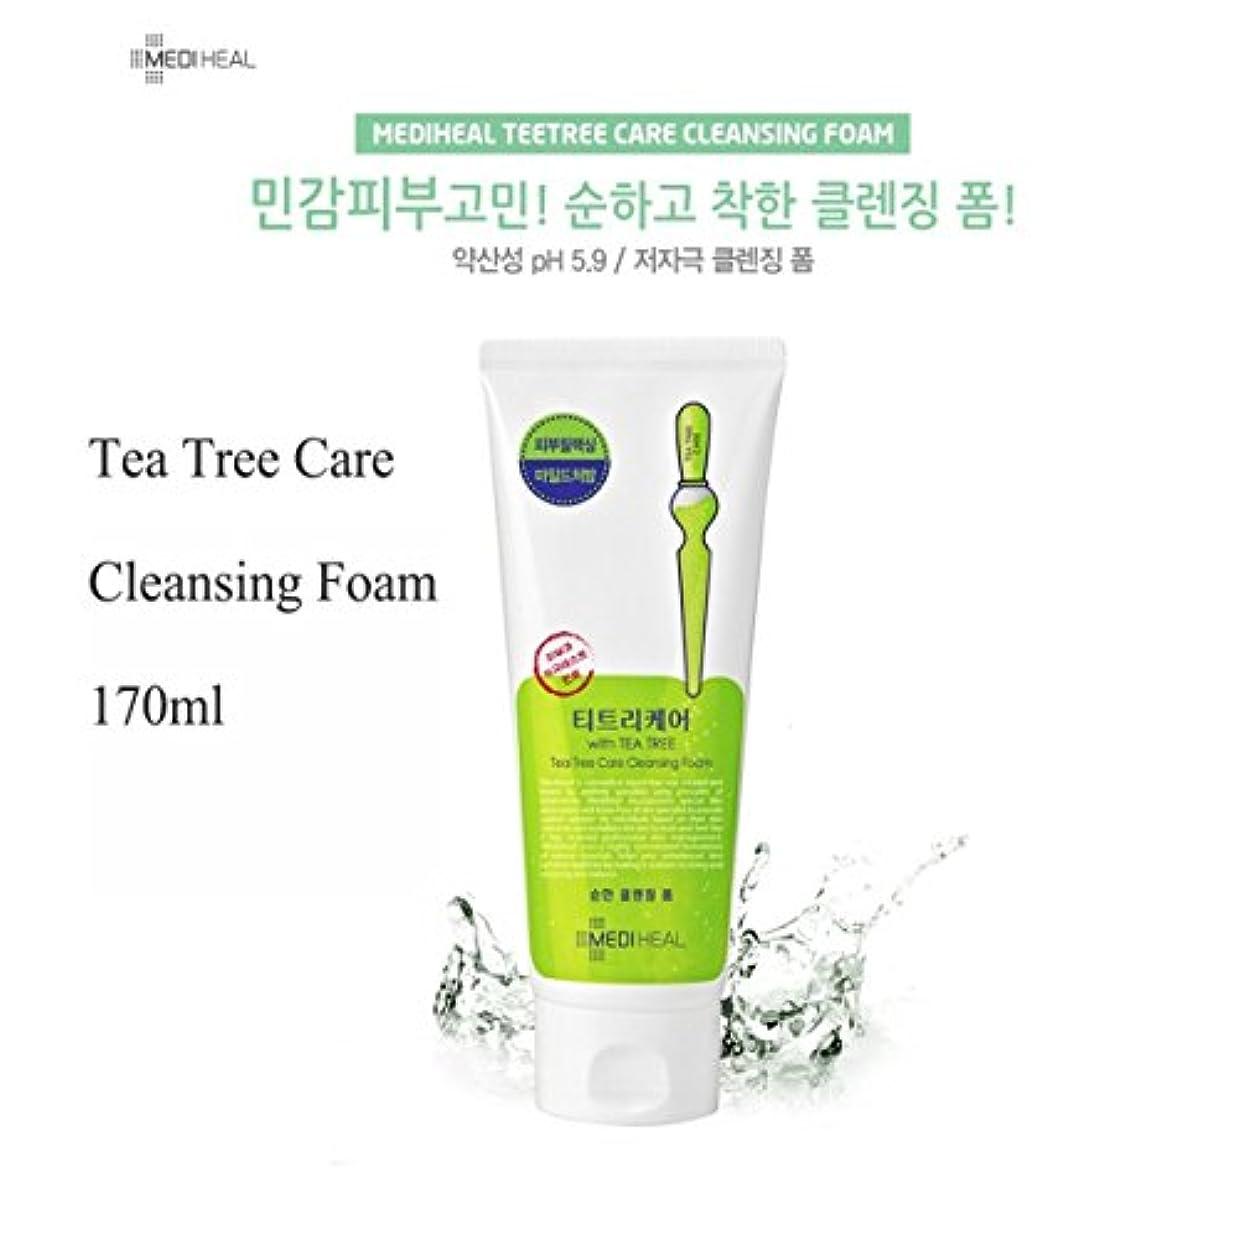 大事にするを除くシャベル【正規輸入品】MEDIHEAL Tea Tree Foam Cleansing 170ml/メディヒール ティー ツリー フォーム クレンジング 170ml